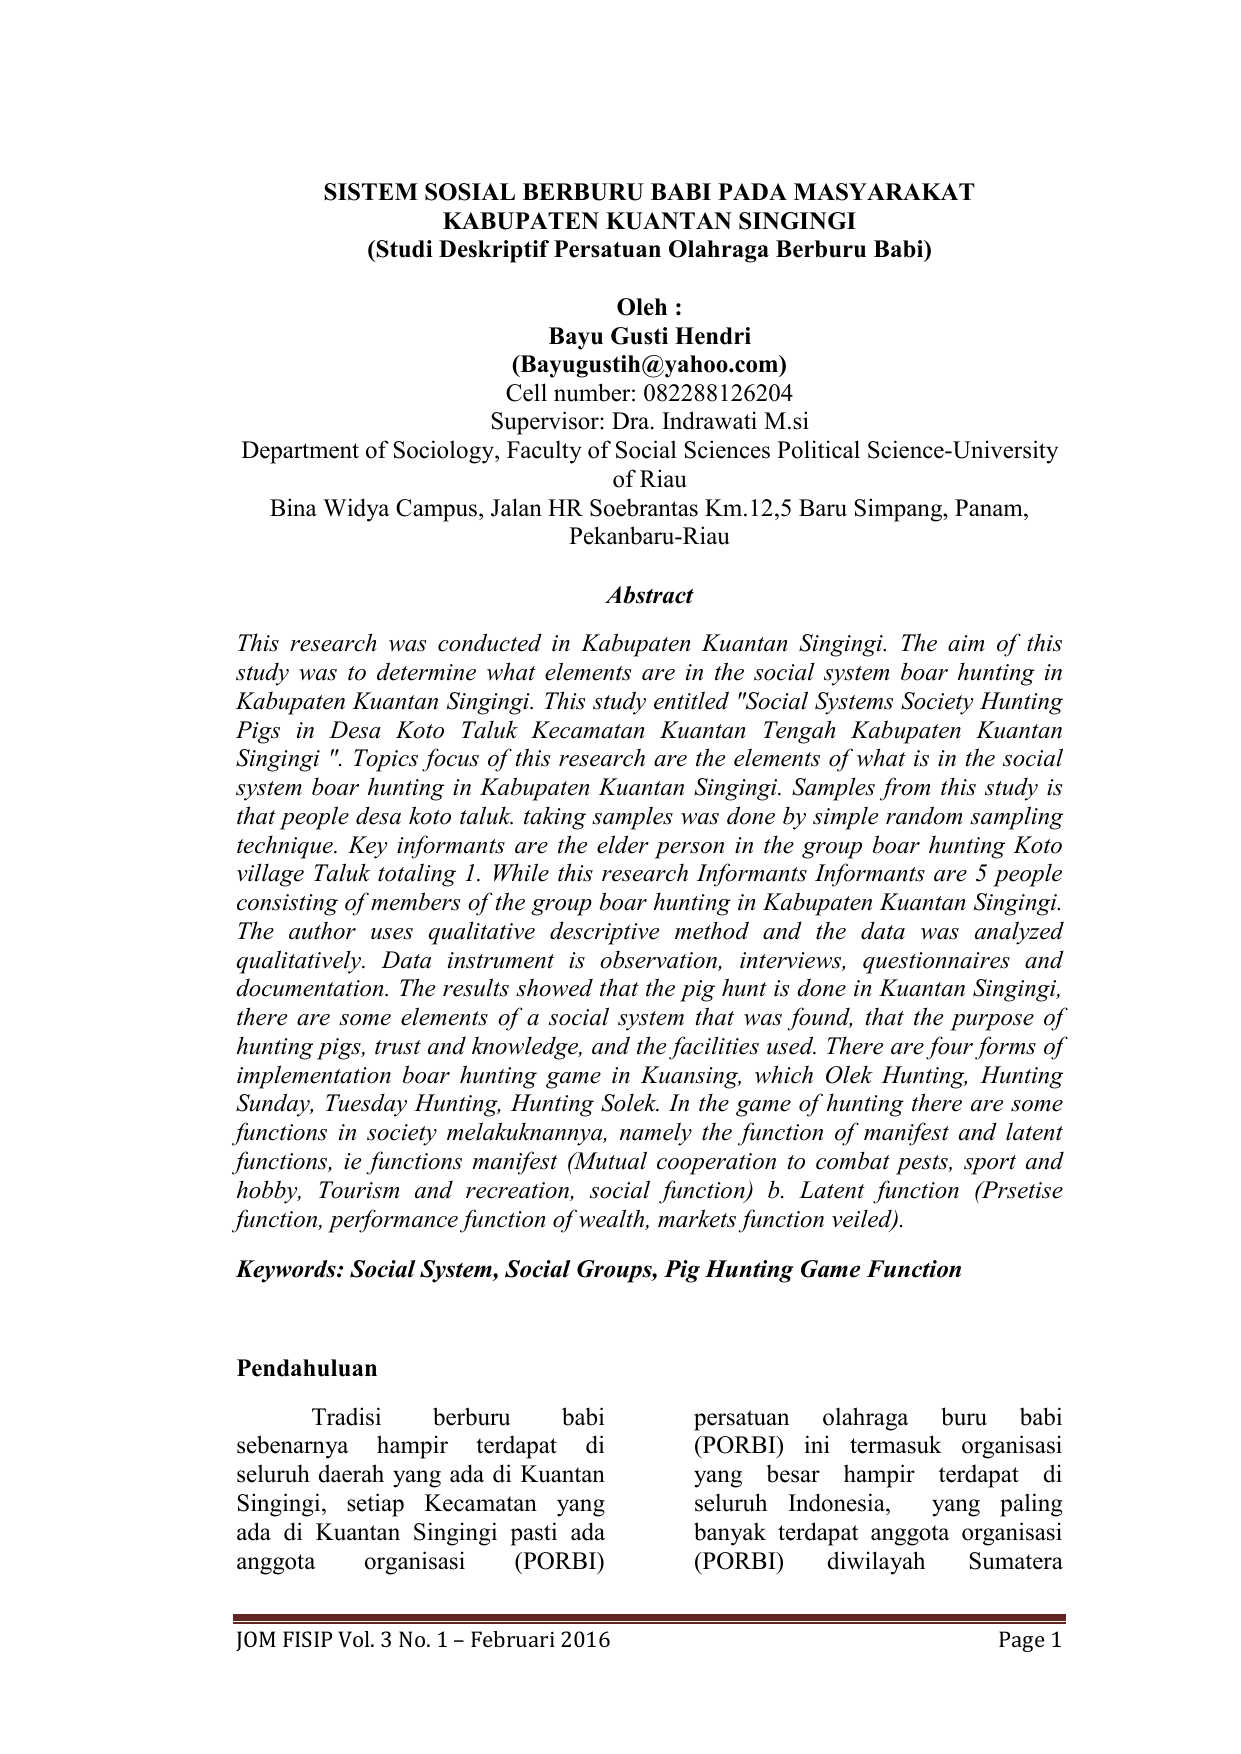 Studi Deskriptif Persatuan Olahraga Berburu Babi